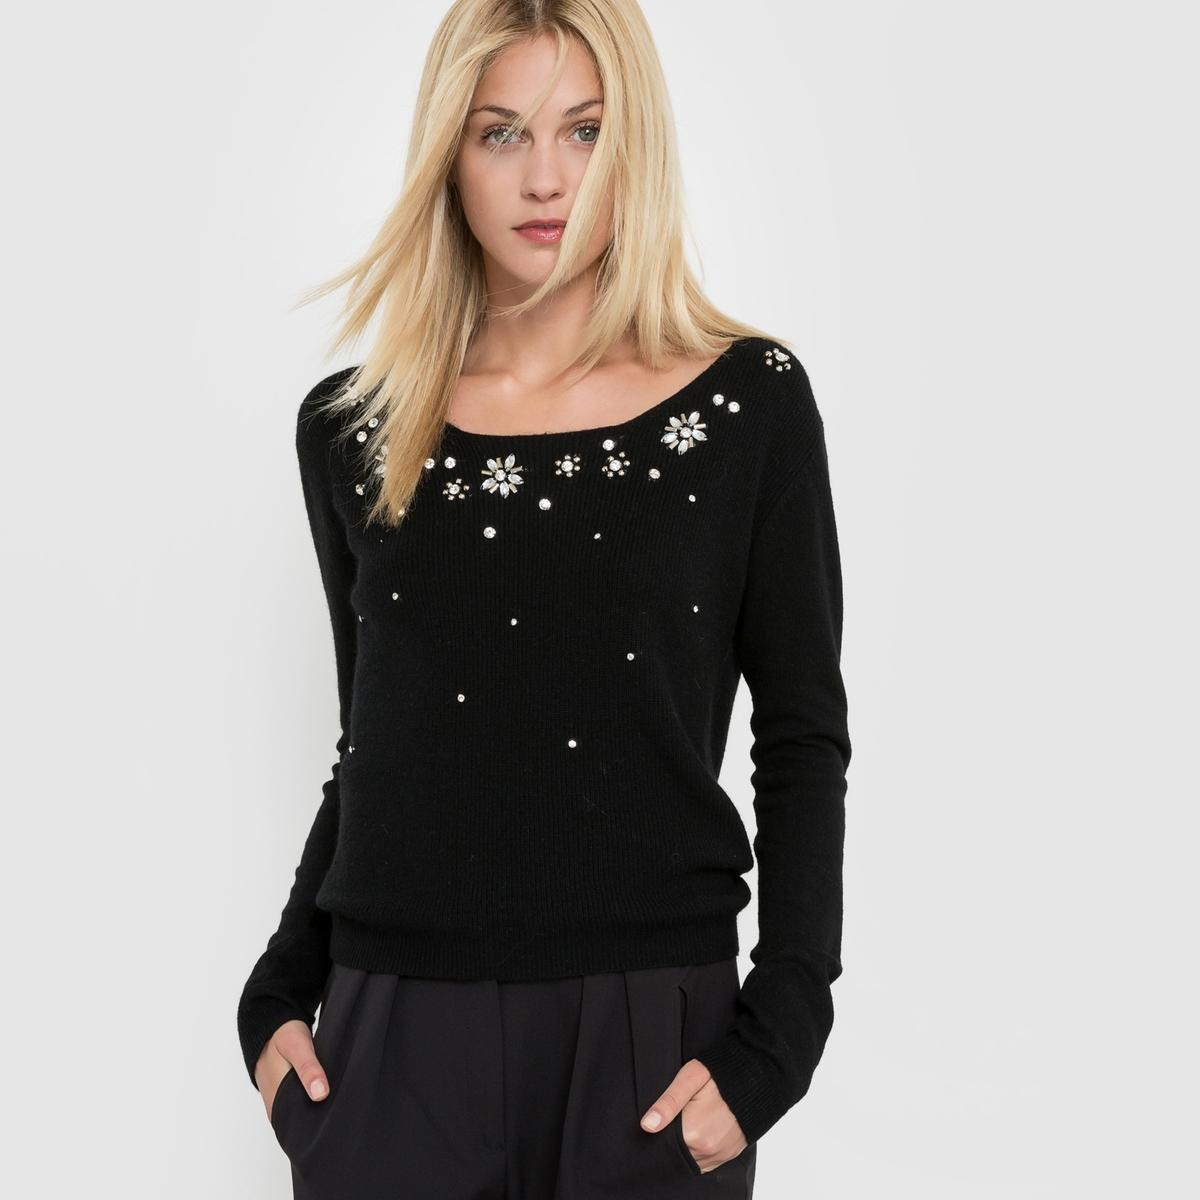 Пуловер с вышивкой, круглый вырезСостав и описание :Материал : 55% растительных волокон, 45% полиэстера Марка : MOLLY BRACKEN.<br><br>Цвет: черный<br>Размер: единый размер